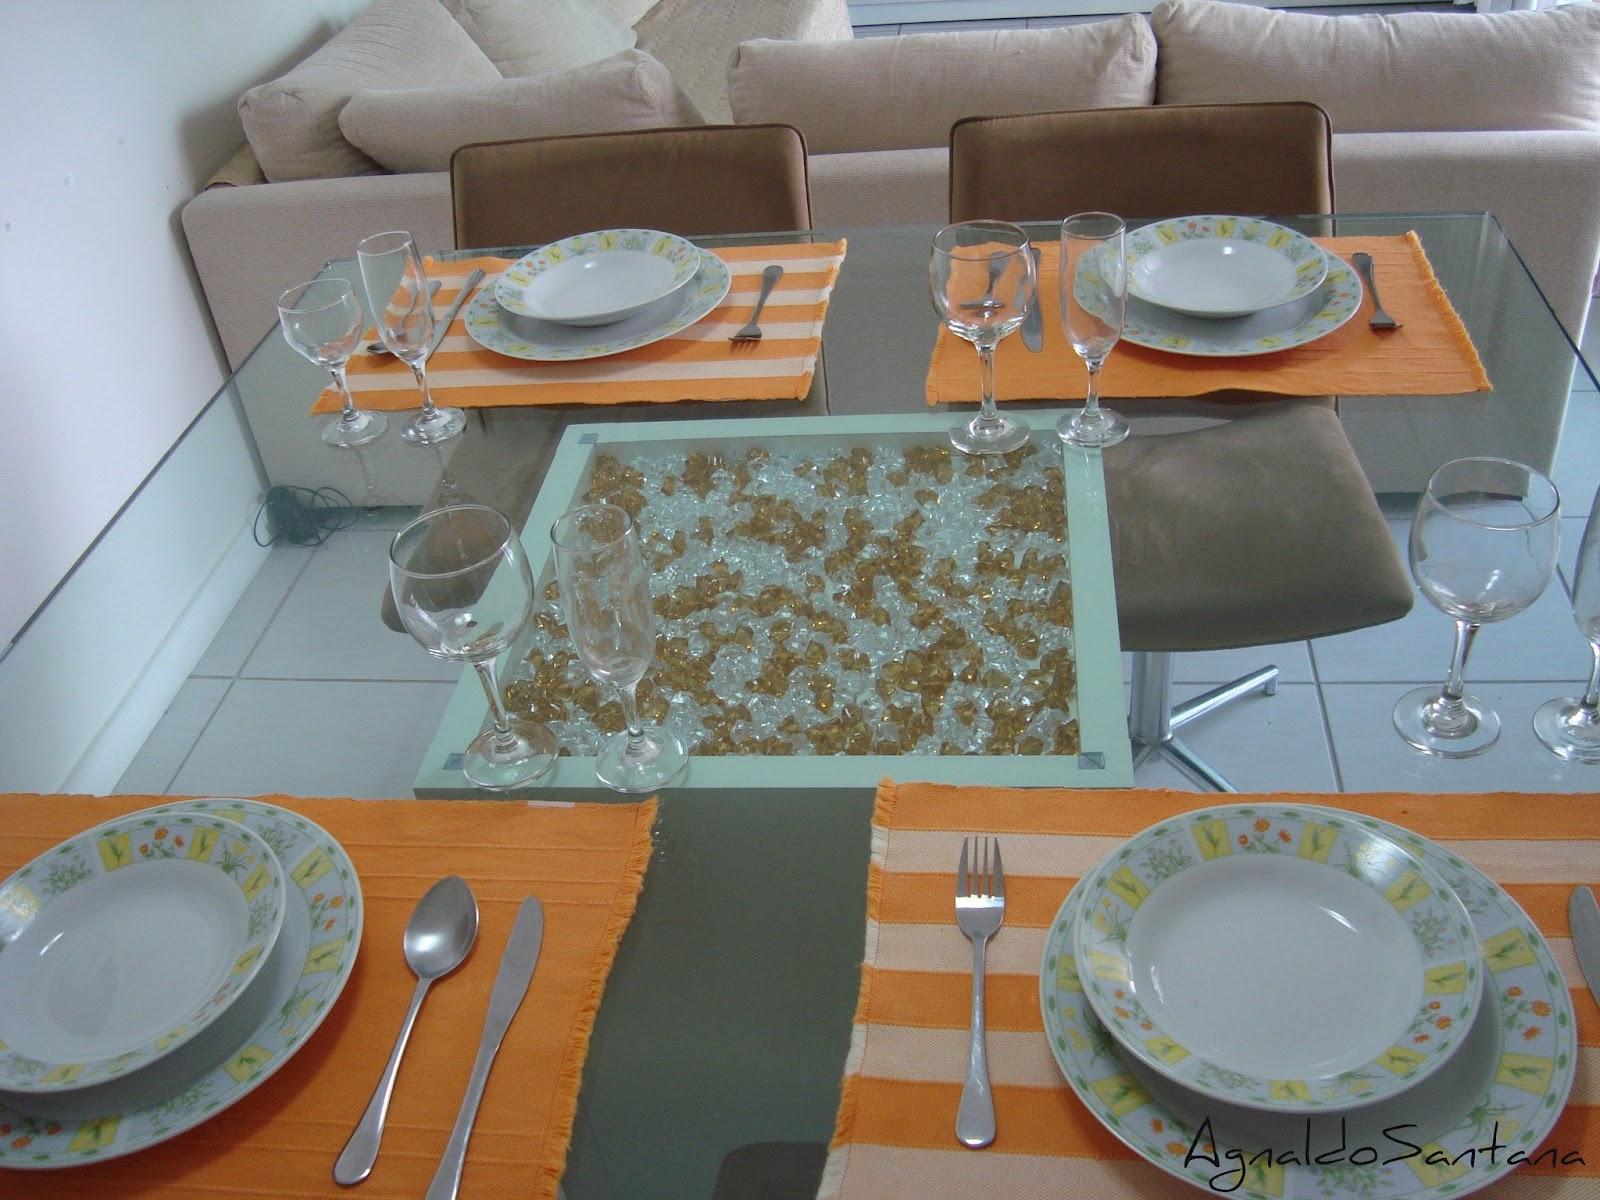 Agnaldo santana mesas - Mesas decorativas ...